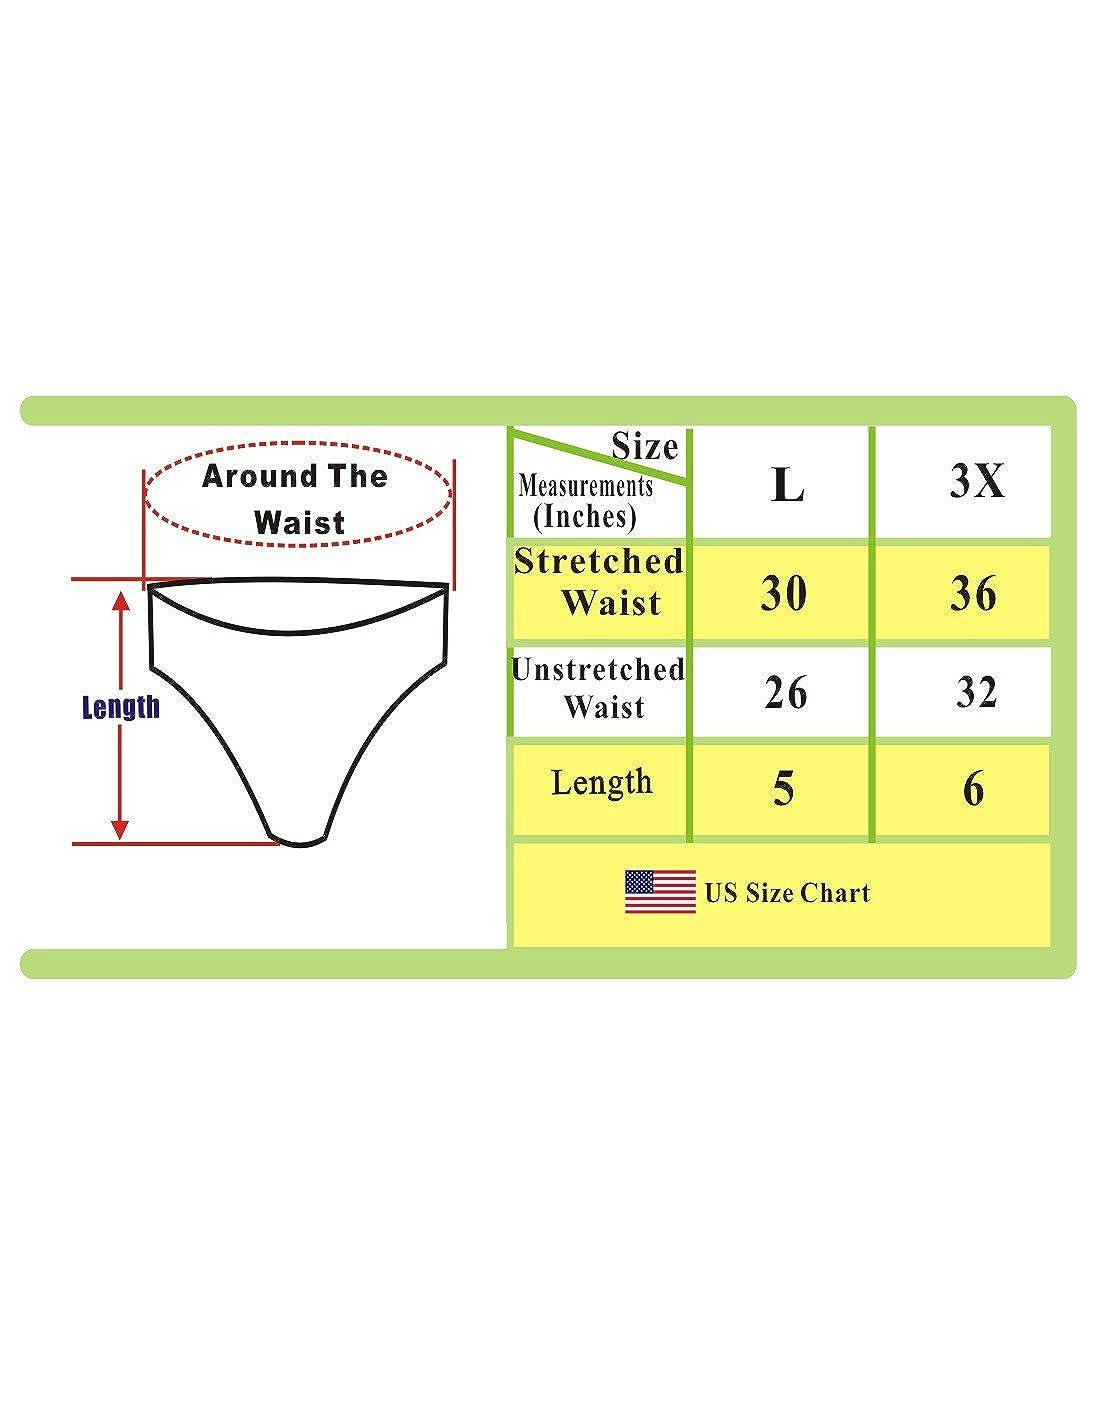 (2 unidades) XOXO Mujer Suave Boy pantalones cortos ropa interior Braguitas multicolor Multicolor: Amazon.es: Ropa y accesorios